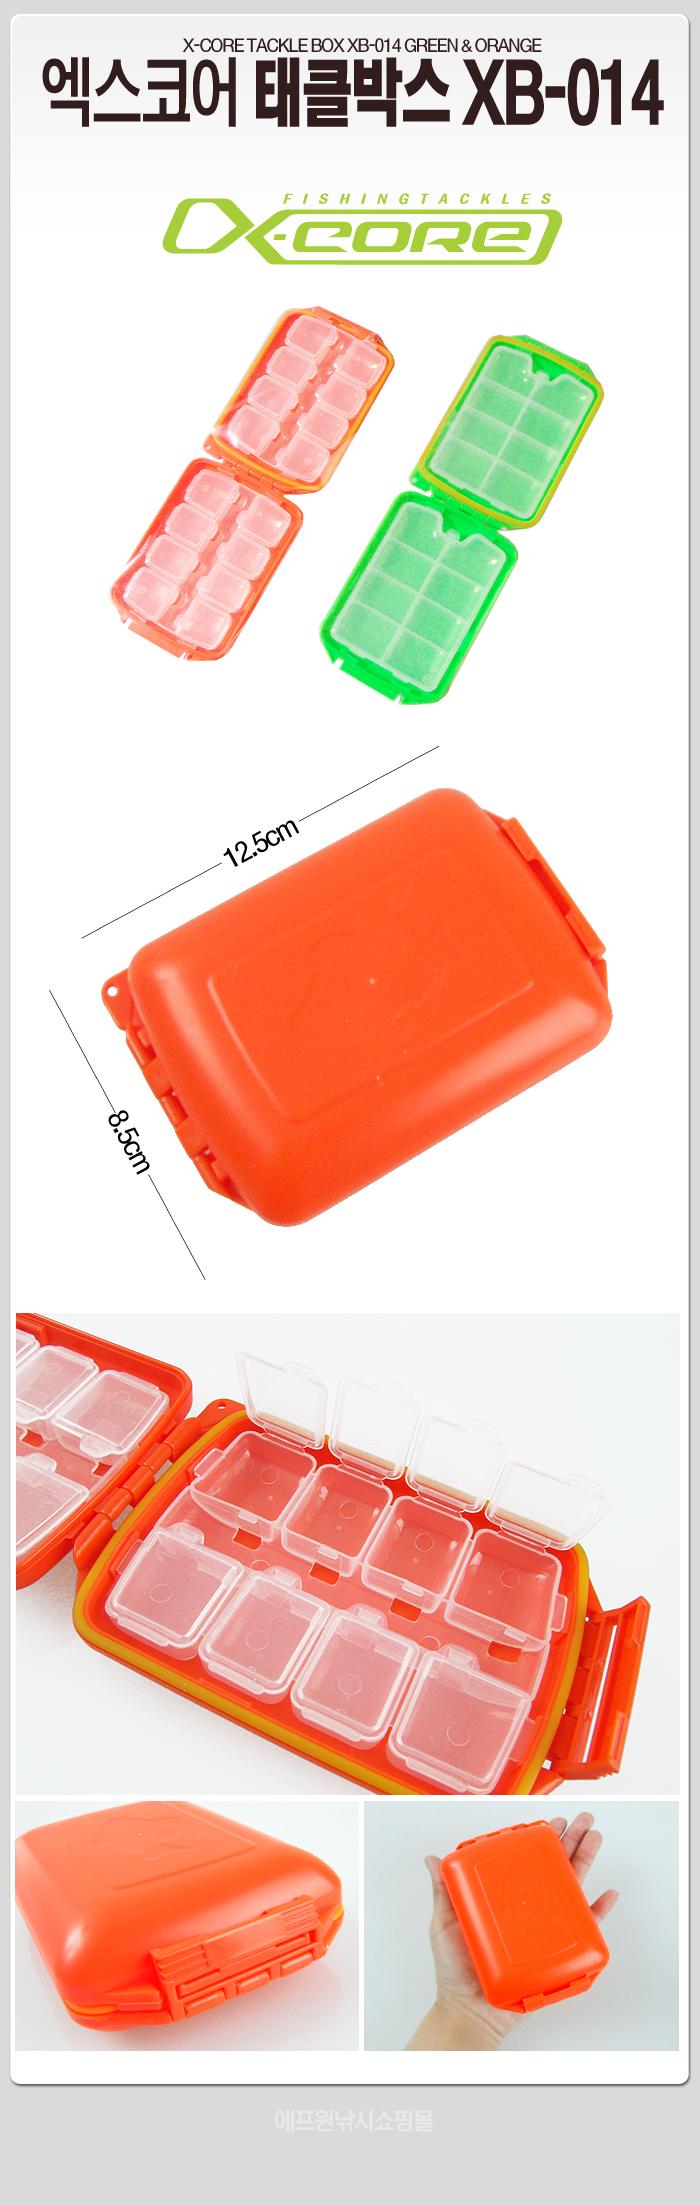 엑스코어 TACKLE BOX (XB-014) 훅박스,소품케이스 바늘케이스 도래케이스 좁쌀봉돌케이스 간다마케이스 16칸케이스 16단케이스